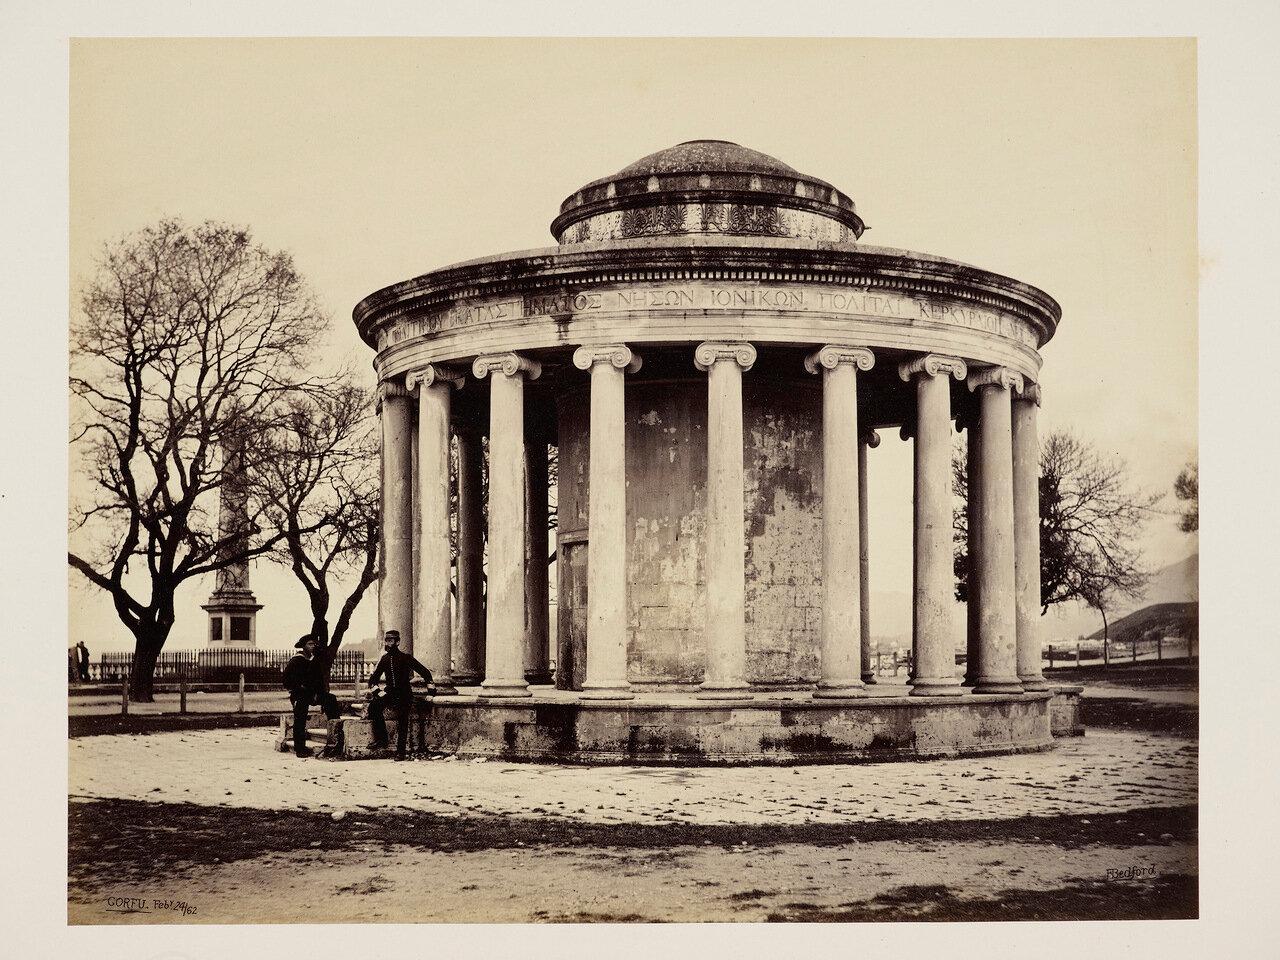 24 февраля 1862. Мемориал сэра Томас Мейтленда. Корфу